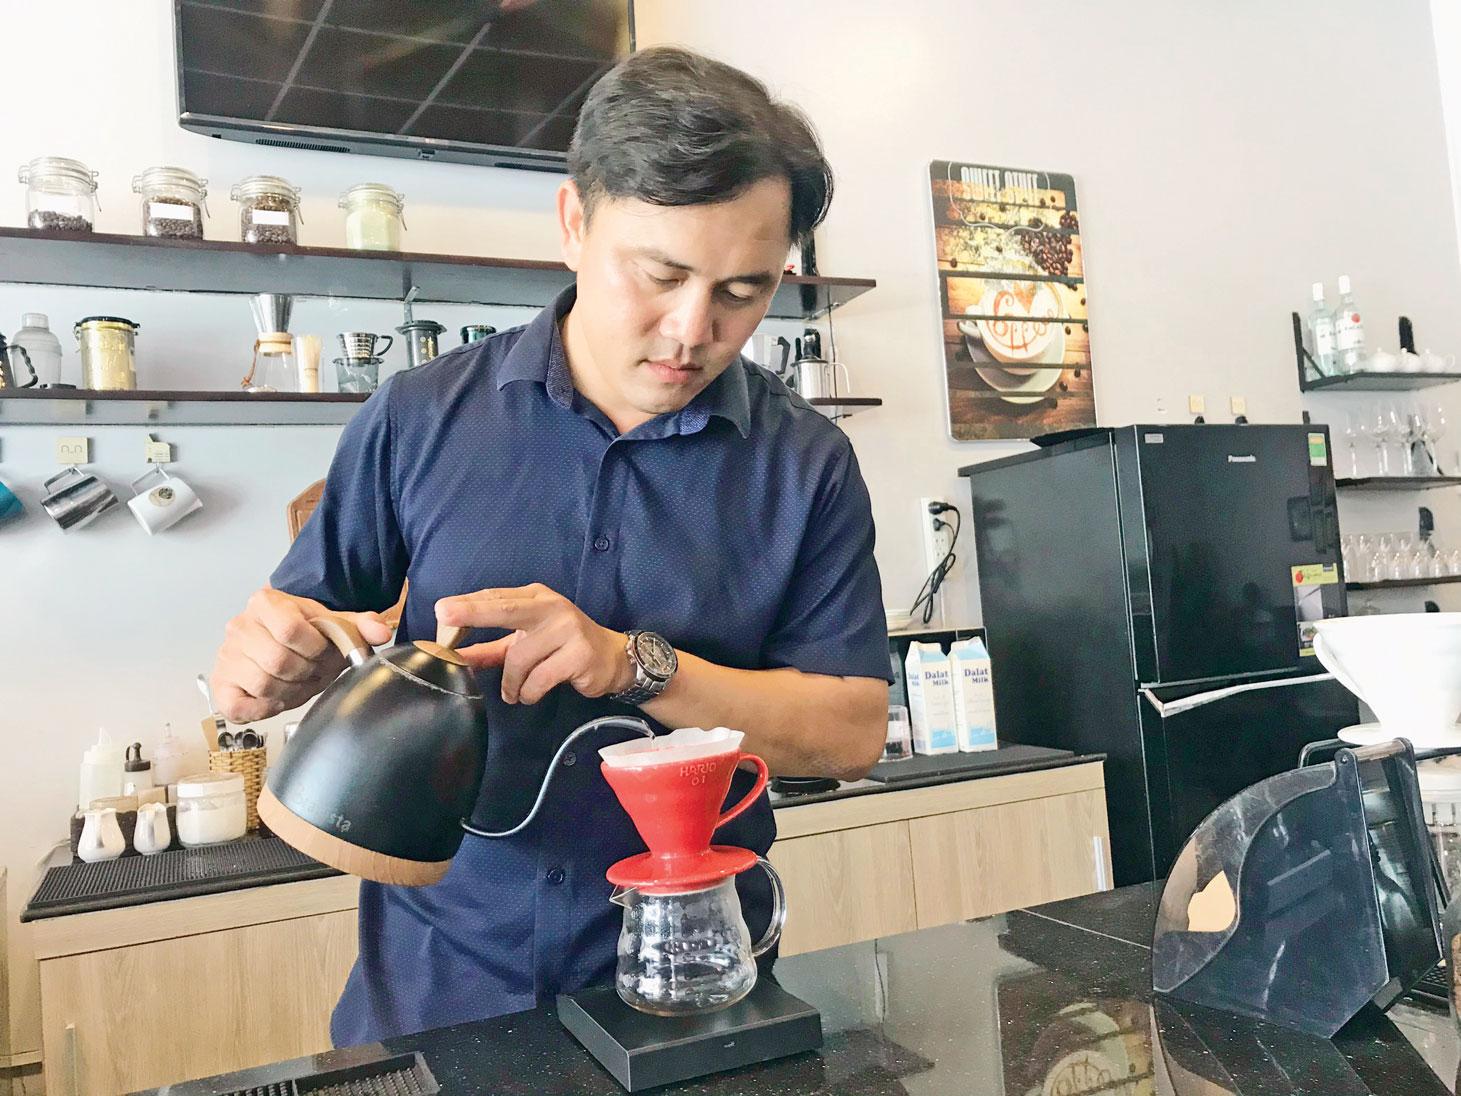 Cà phê qua bàn tay barista sẽ được tôn lên hương vị đặc trưng, trọn vẹn nhất, đánh thức được các giác quan của người thưởng thức